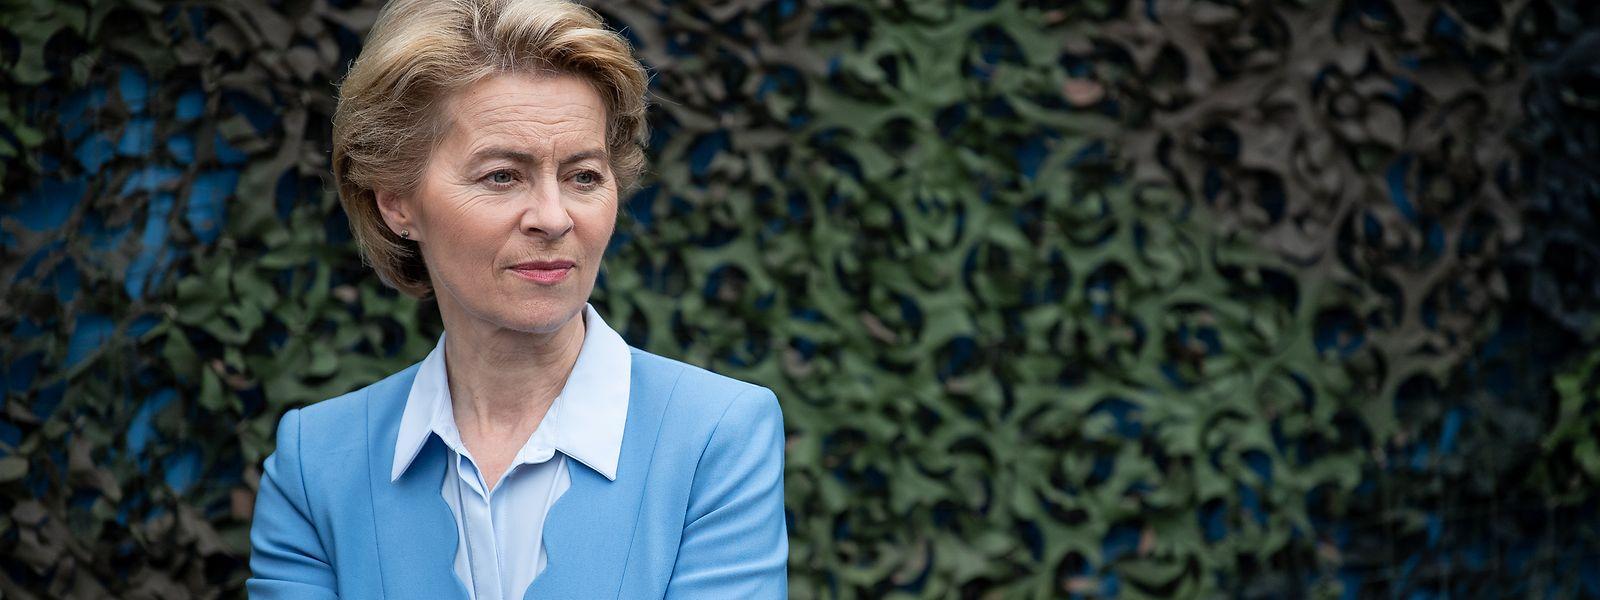 Ursula von der Leyen (CDU), Bundesverteidigungsministerin, hat am Montag ihren Rücktritt angekündigt.